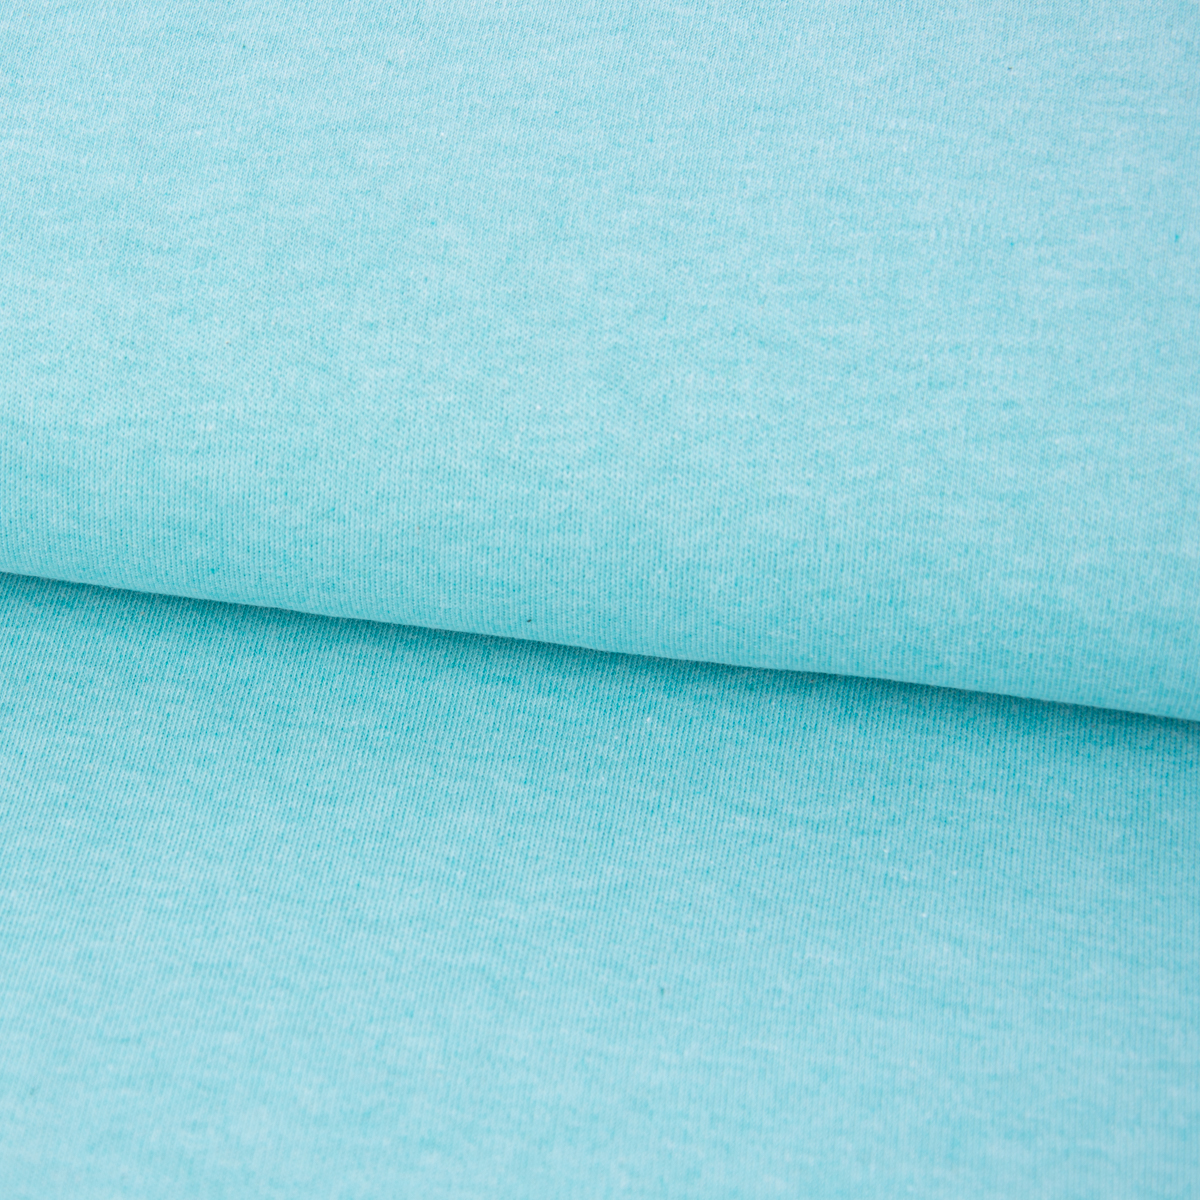 Bio Baumwolljersey Interlockjersey einfarbig mint meliert 1,40m Breite